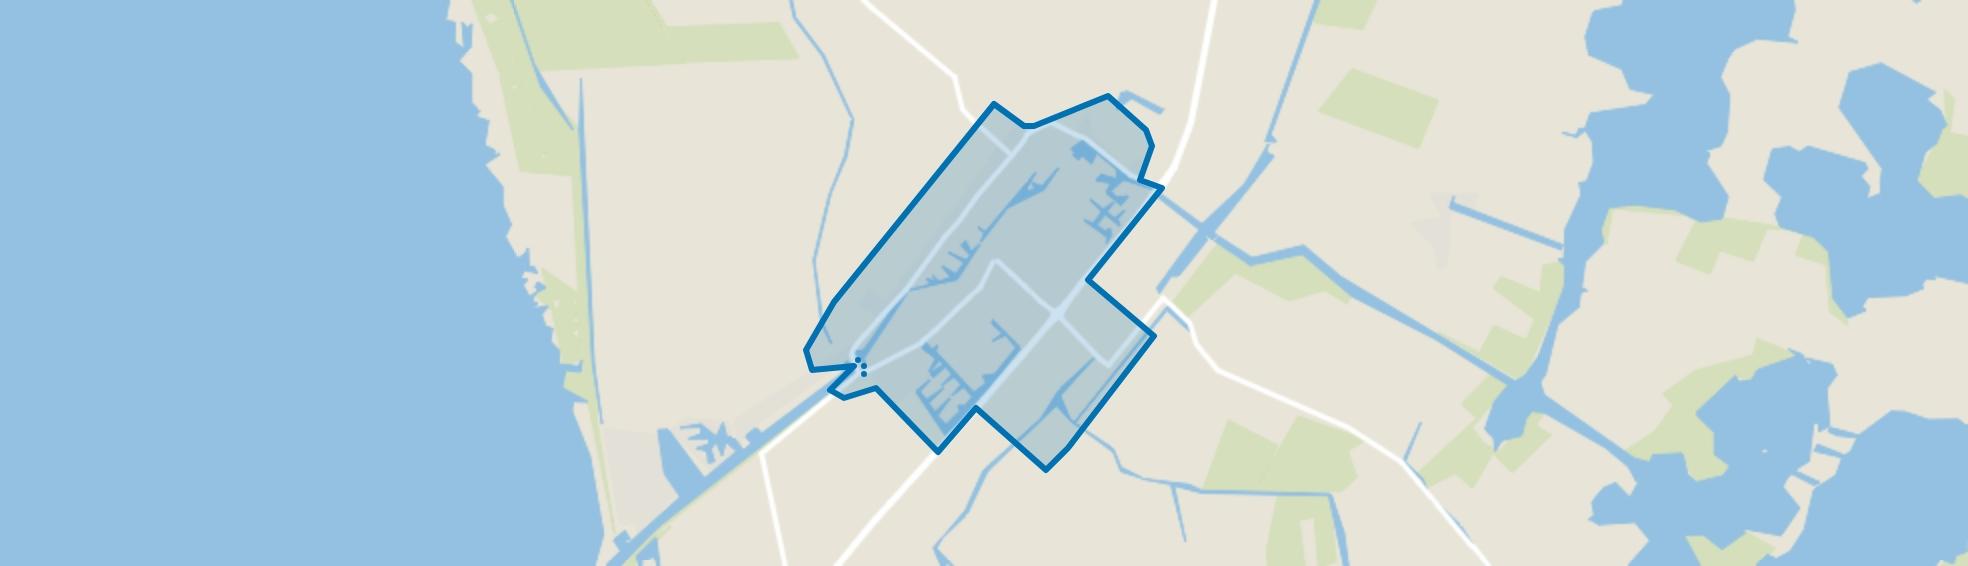 Workum, Workum map